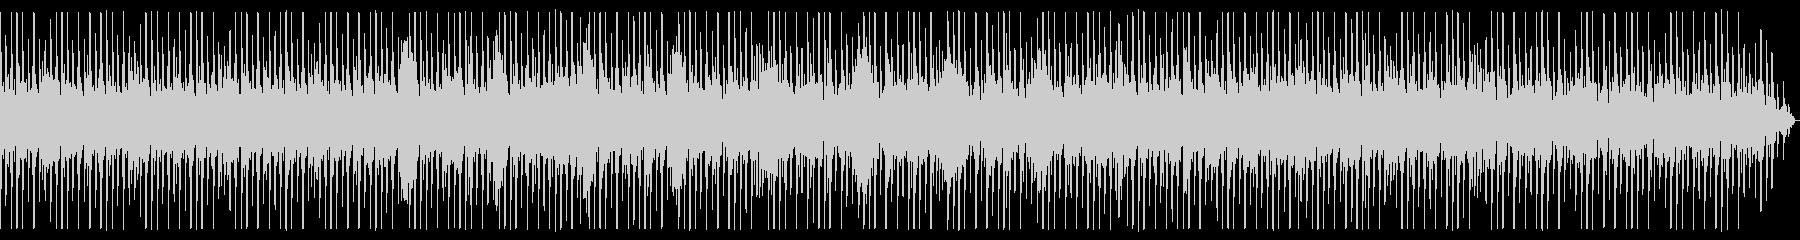 少しゆったりめなビートのテクノの未再生の波形